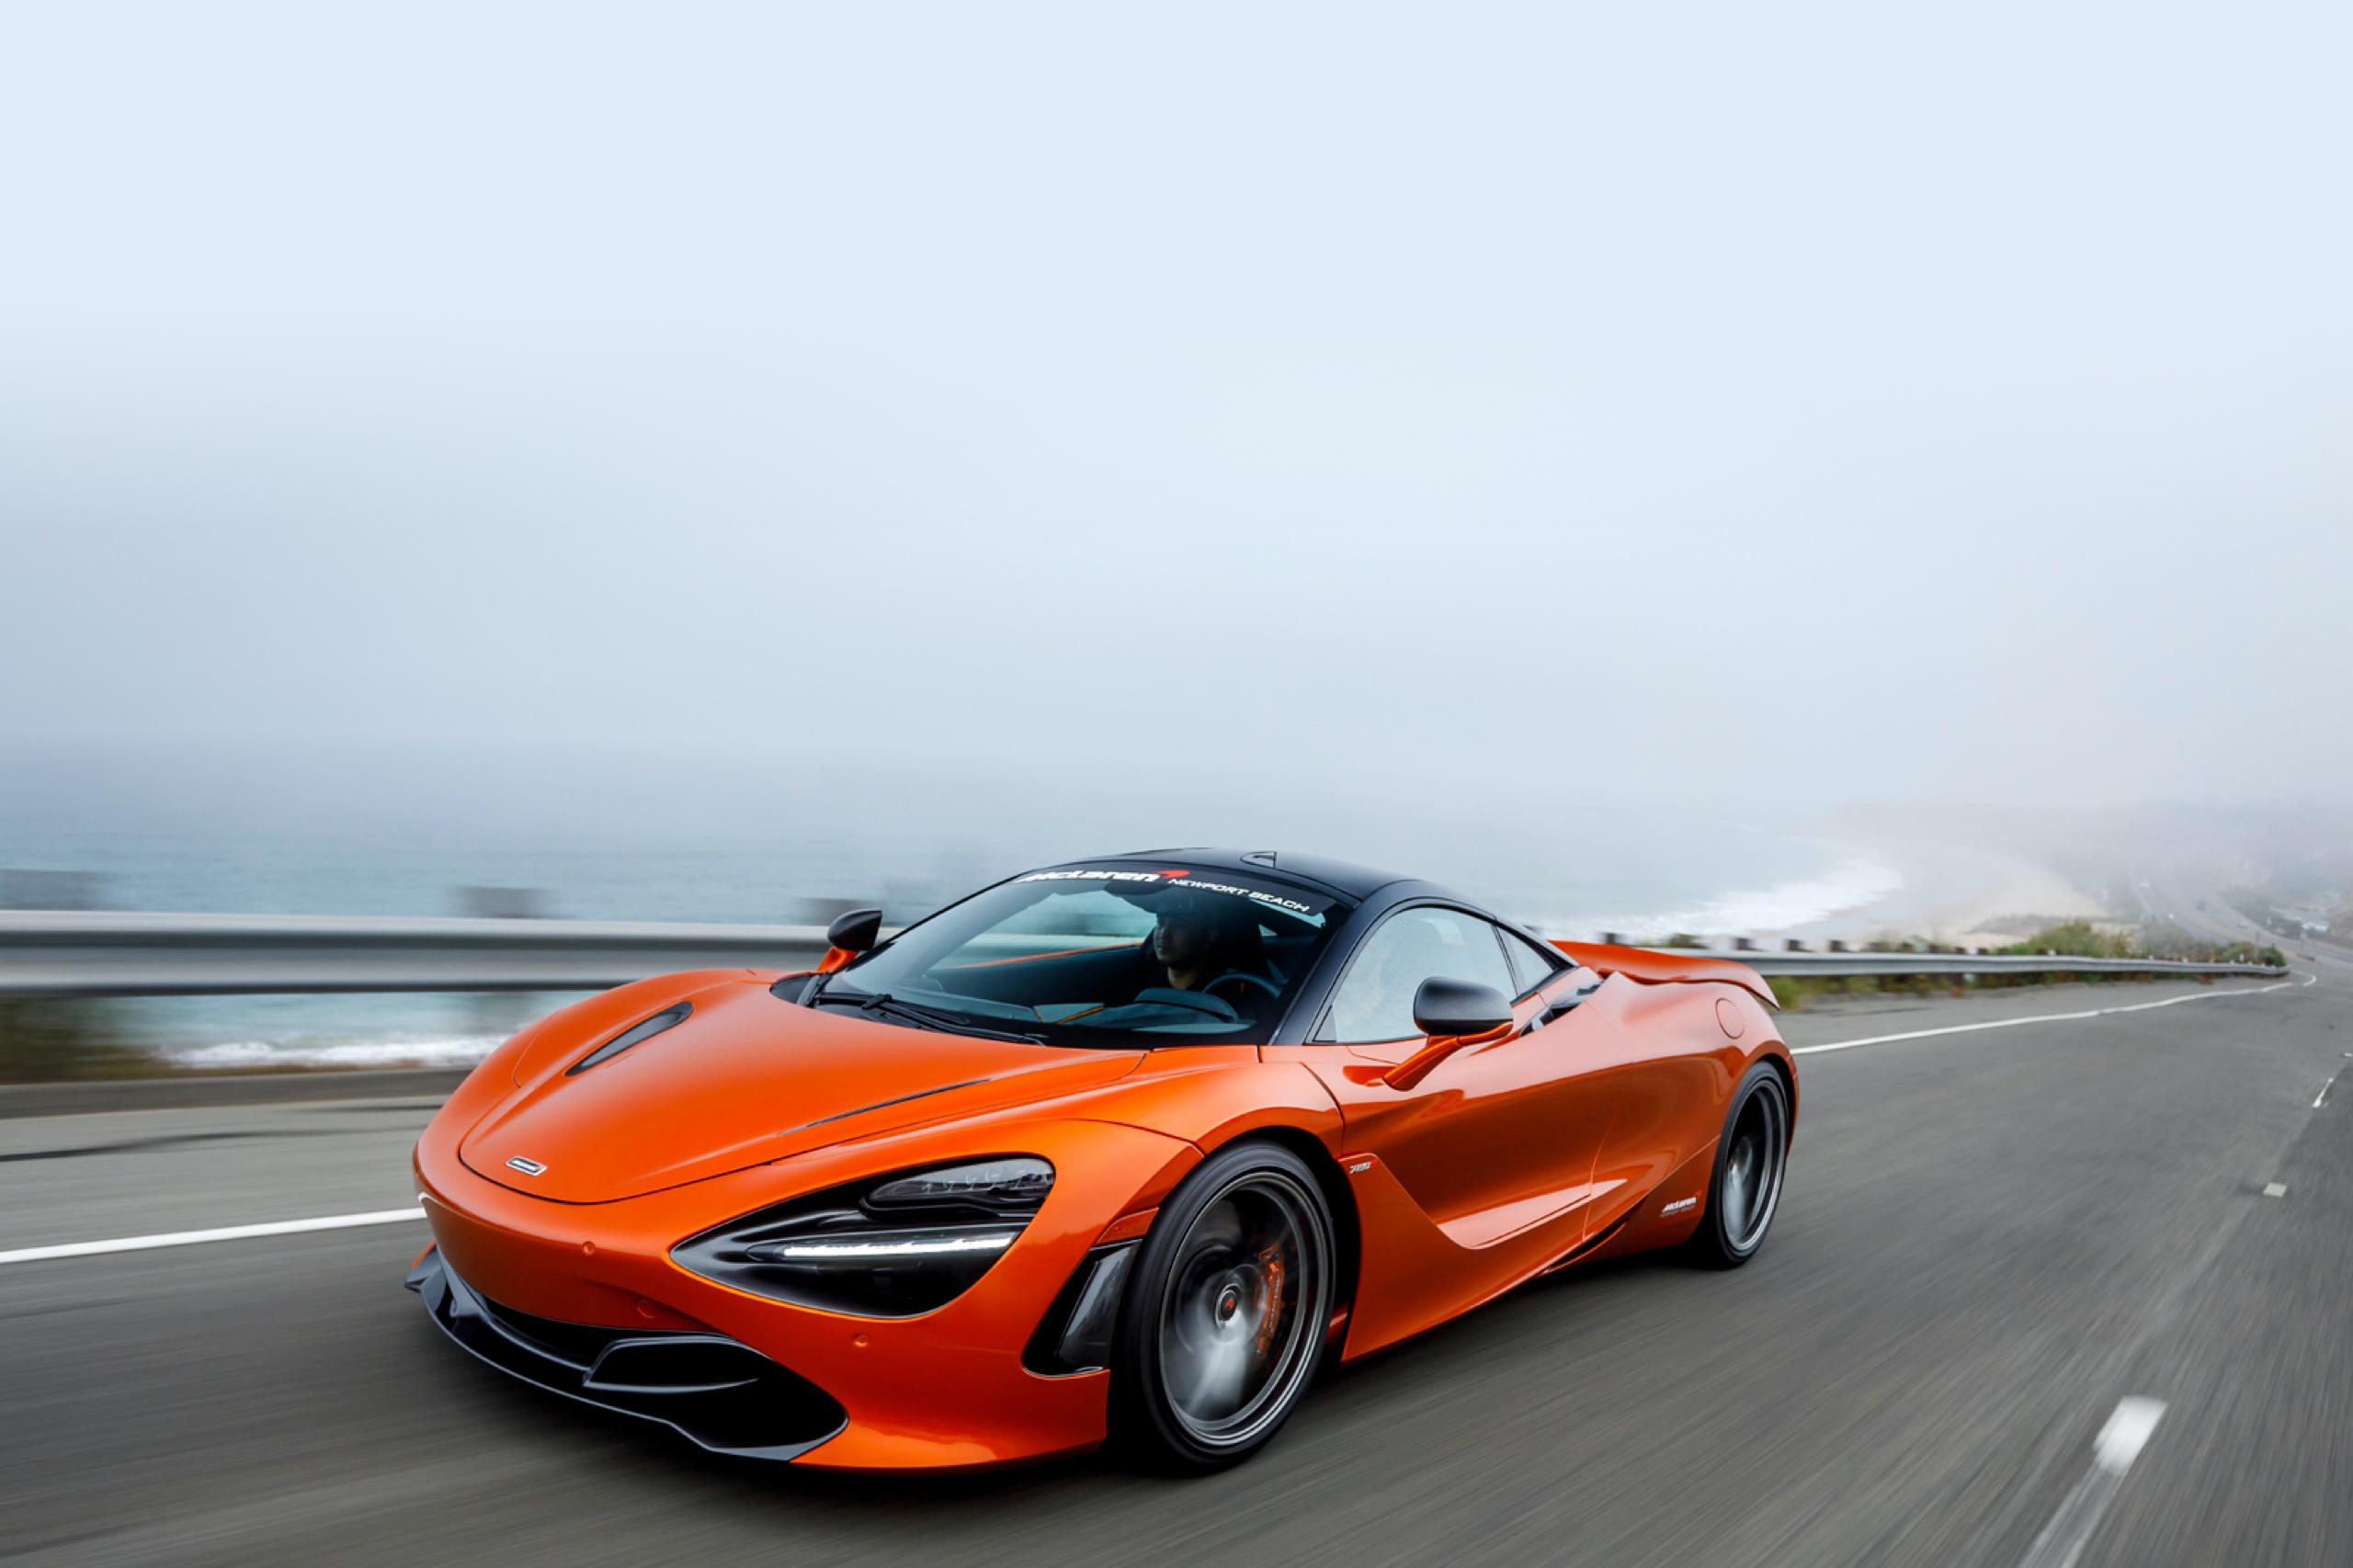 Orange car race